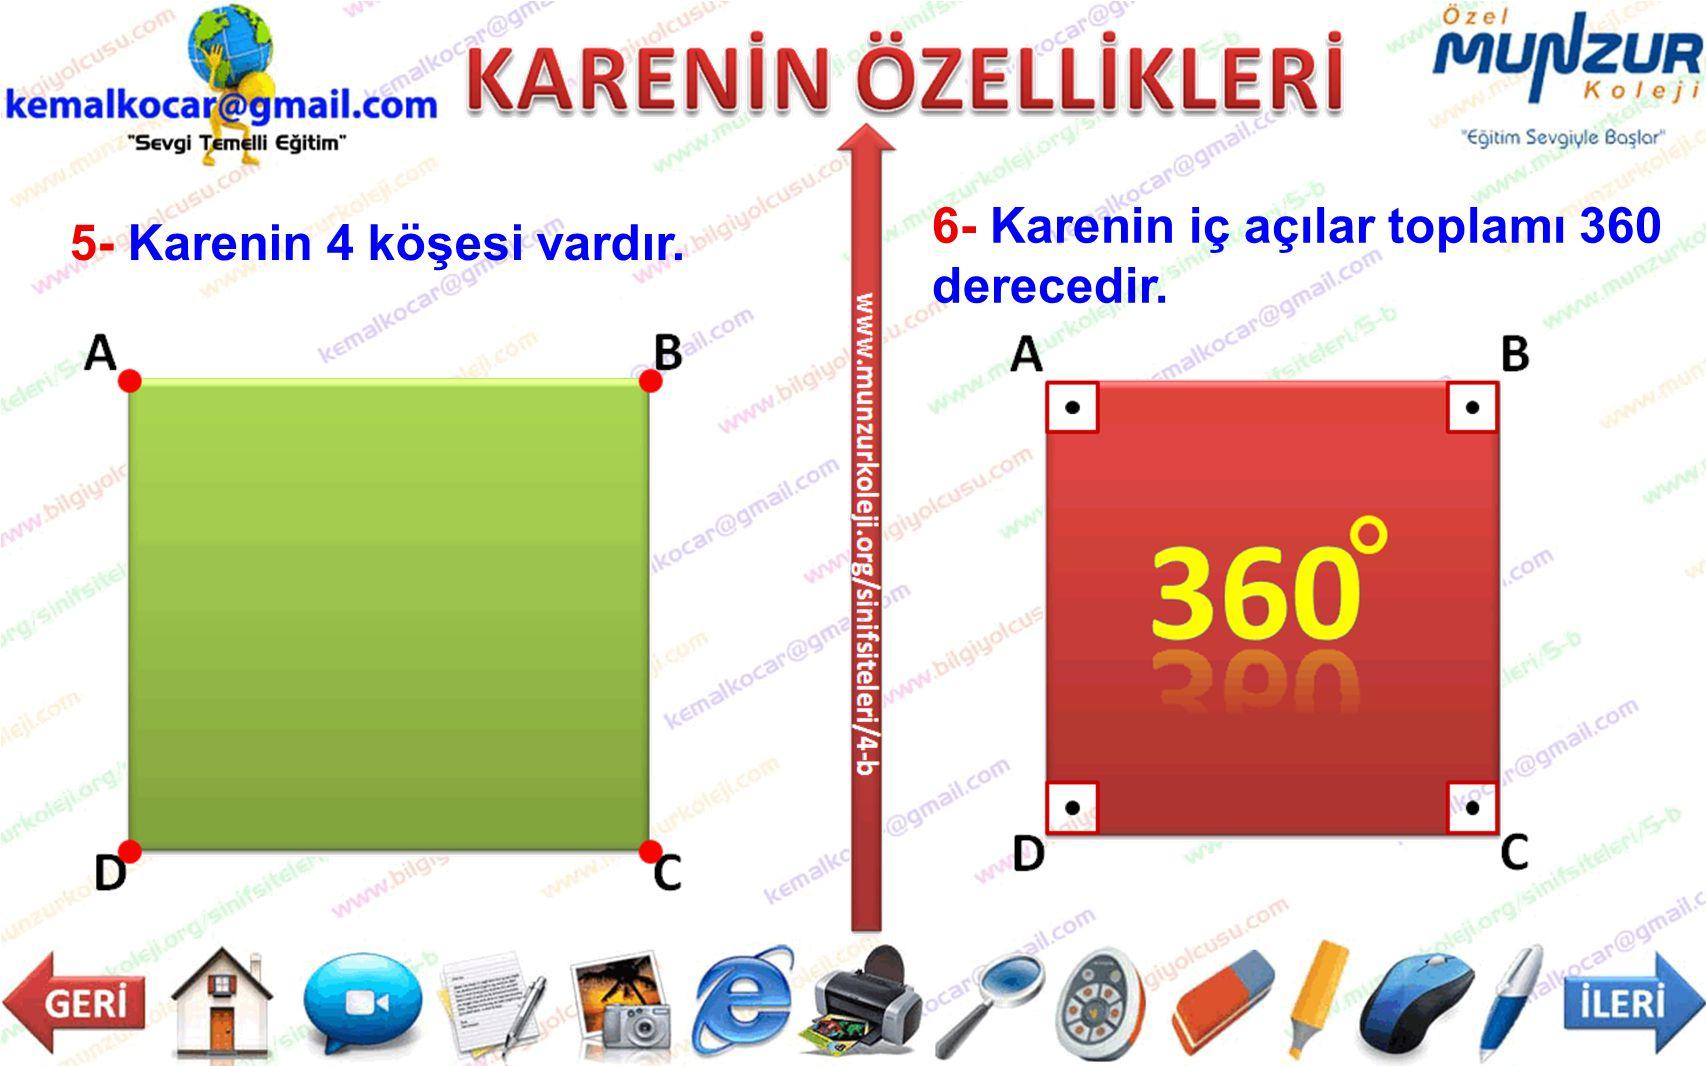 5- Karenin 4 köşesi vardır. 6- Karenin iç açılar toplamı 360 derecedir.